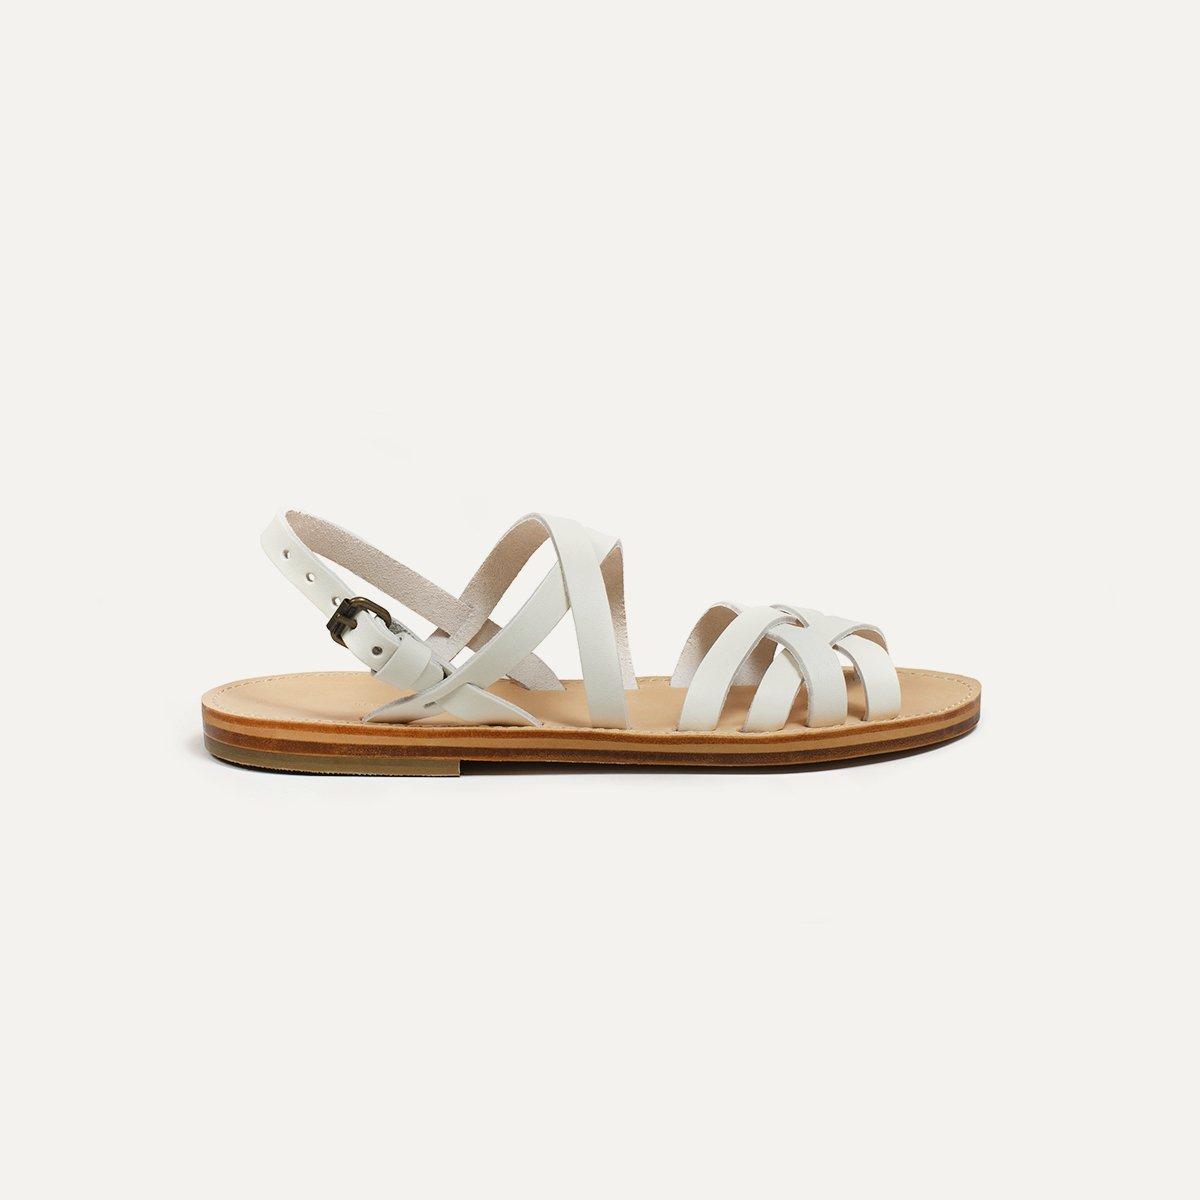 Sandales cuir Majour - Blanc (image n°4)